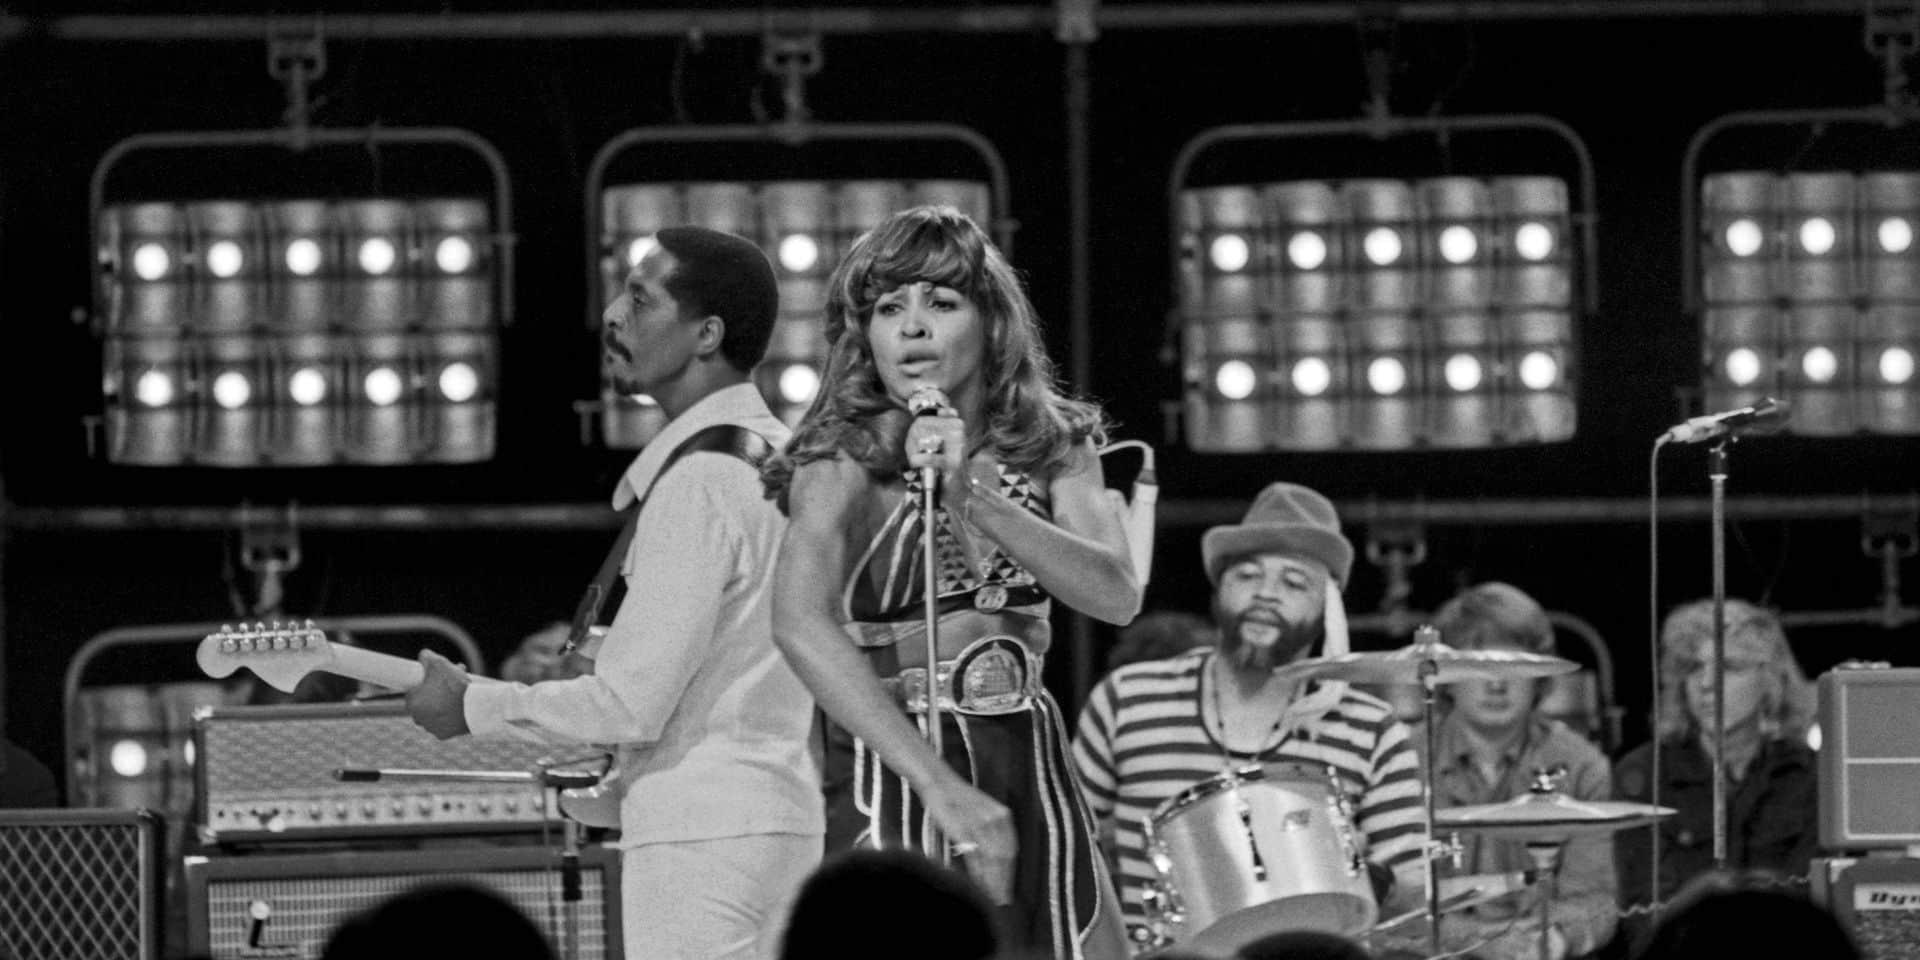 Ike und Tina Turner Das amerikanische Duo Ike und Tina Turner bei einem Fernsehauftritt Deutschland